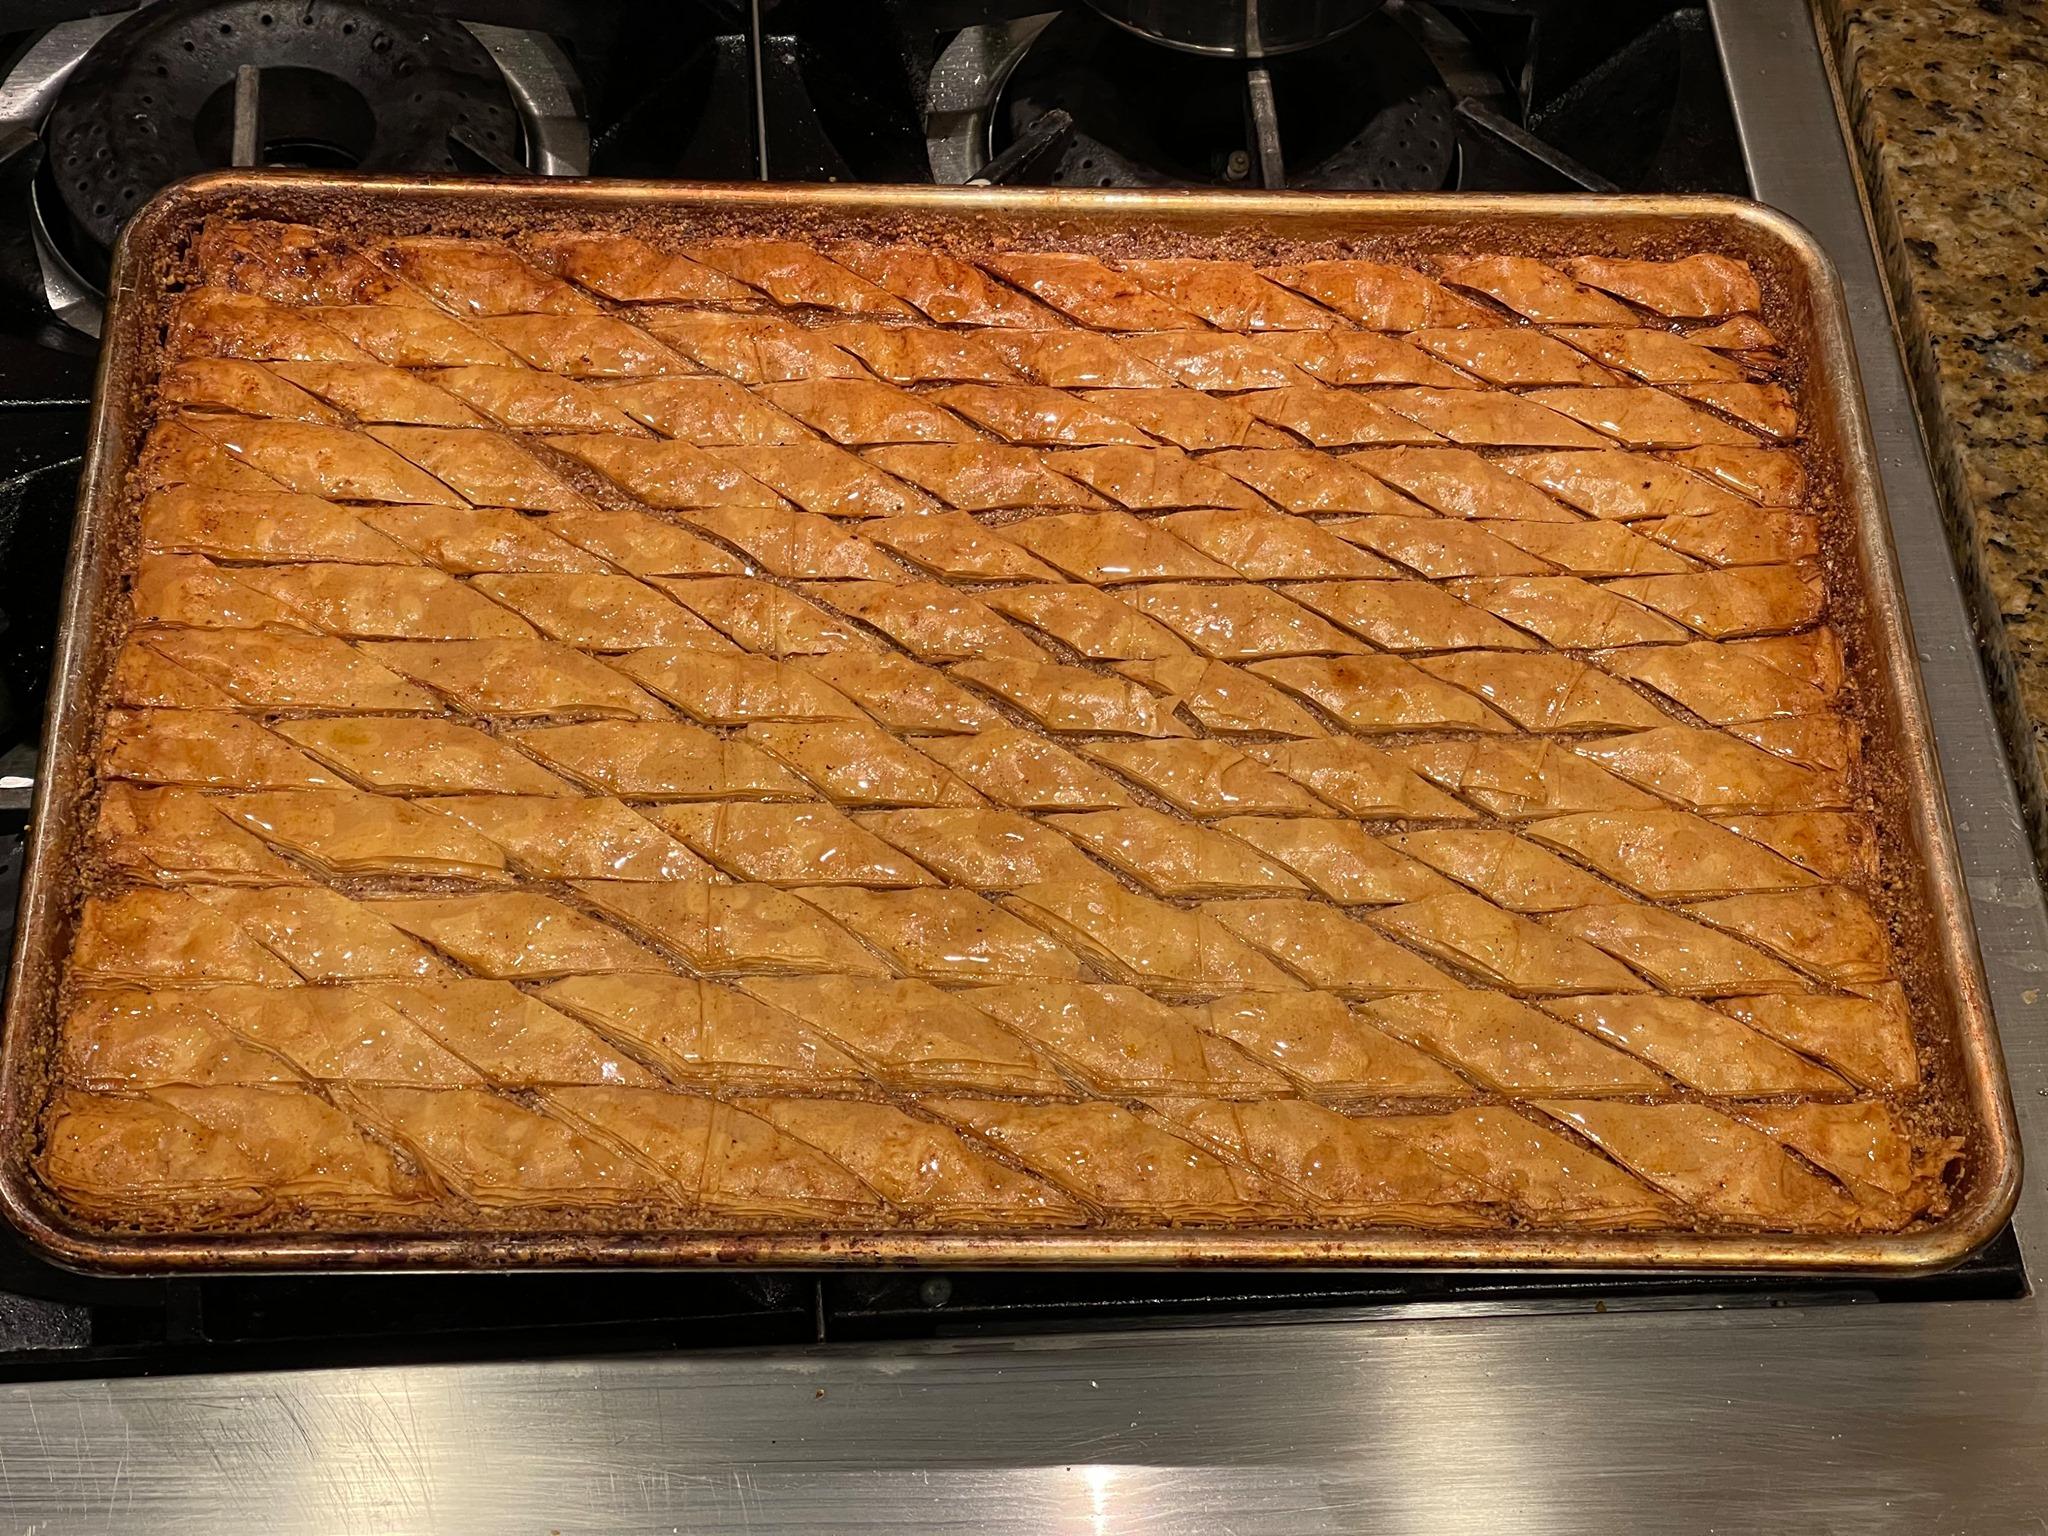 Homemade baklava. 20 layers of phyllo dough…